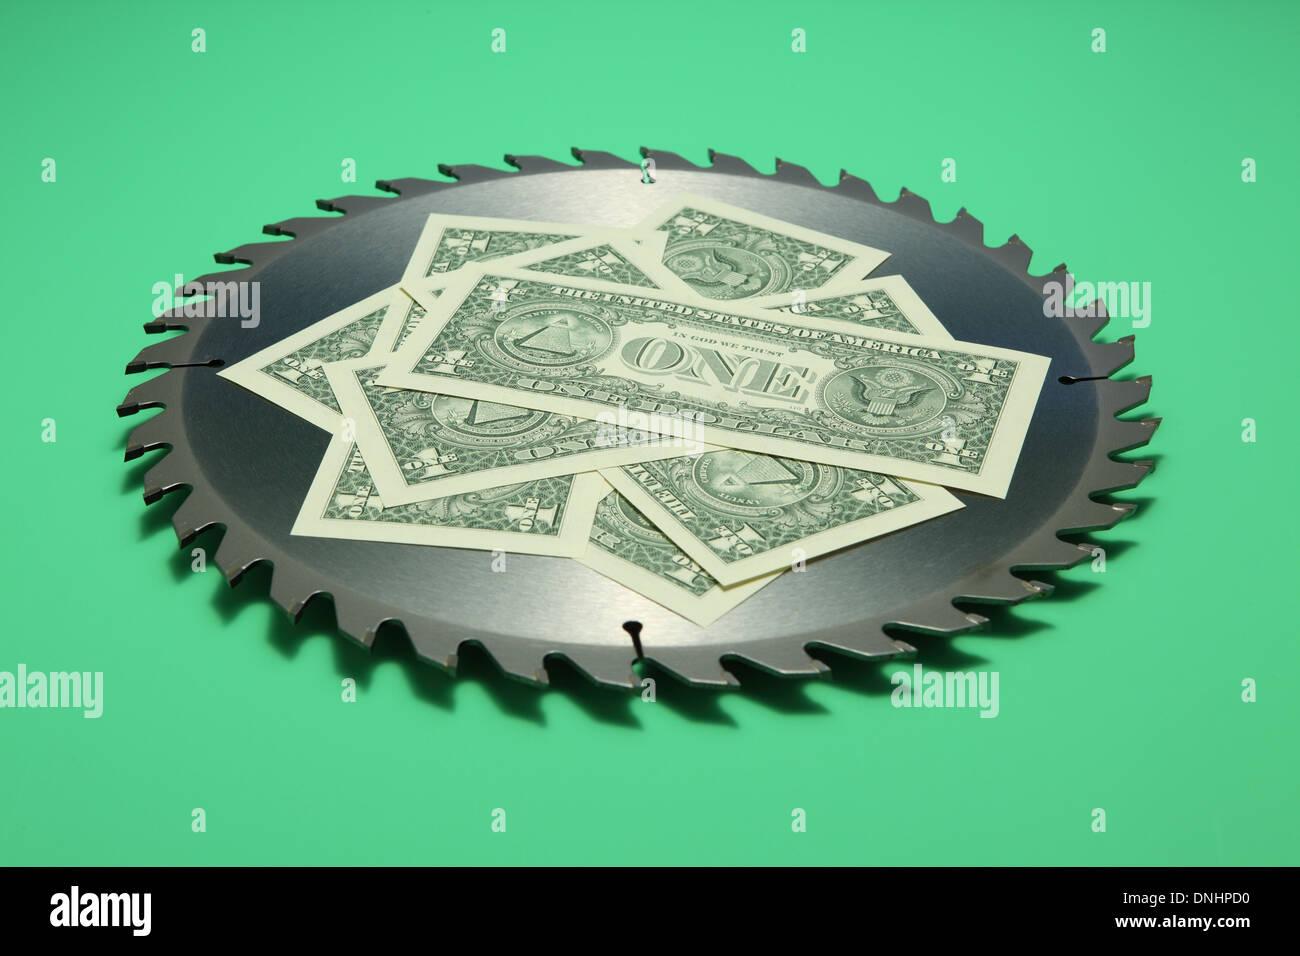 Una afilada hoja de sierra de metal circular con la divisa estadounidense sobre fondo verde. Foto de stock